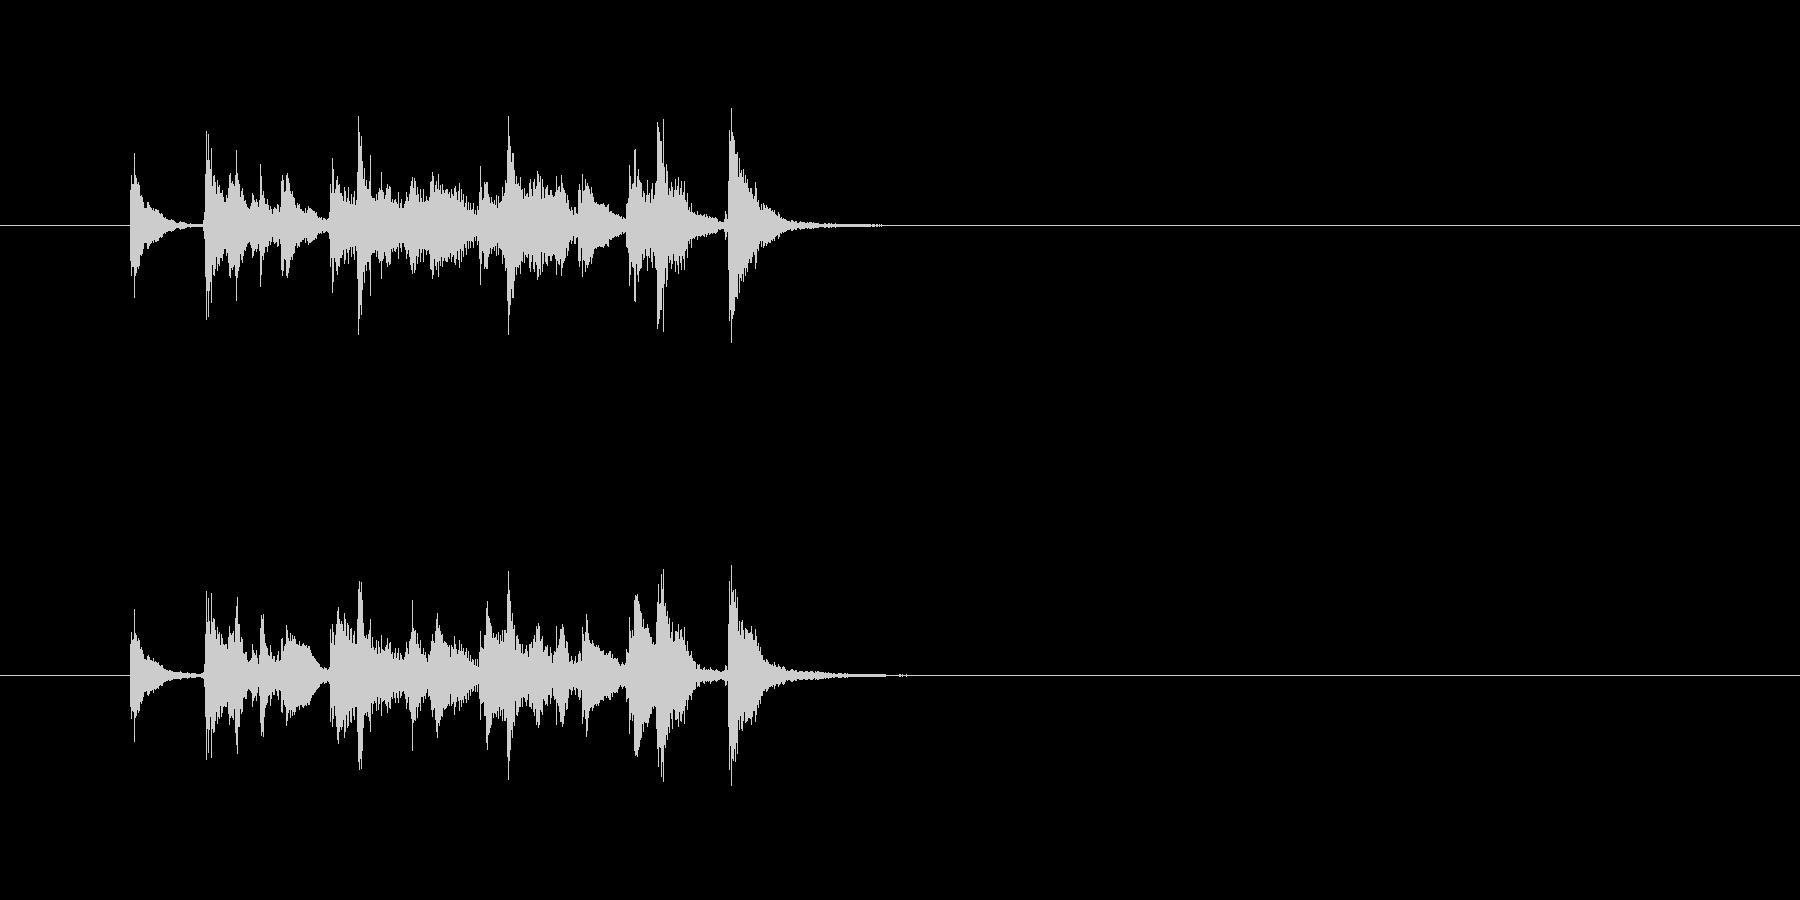 ポップ コミカル サンバホイッスルの未再生の波形